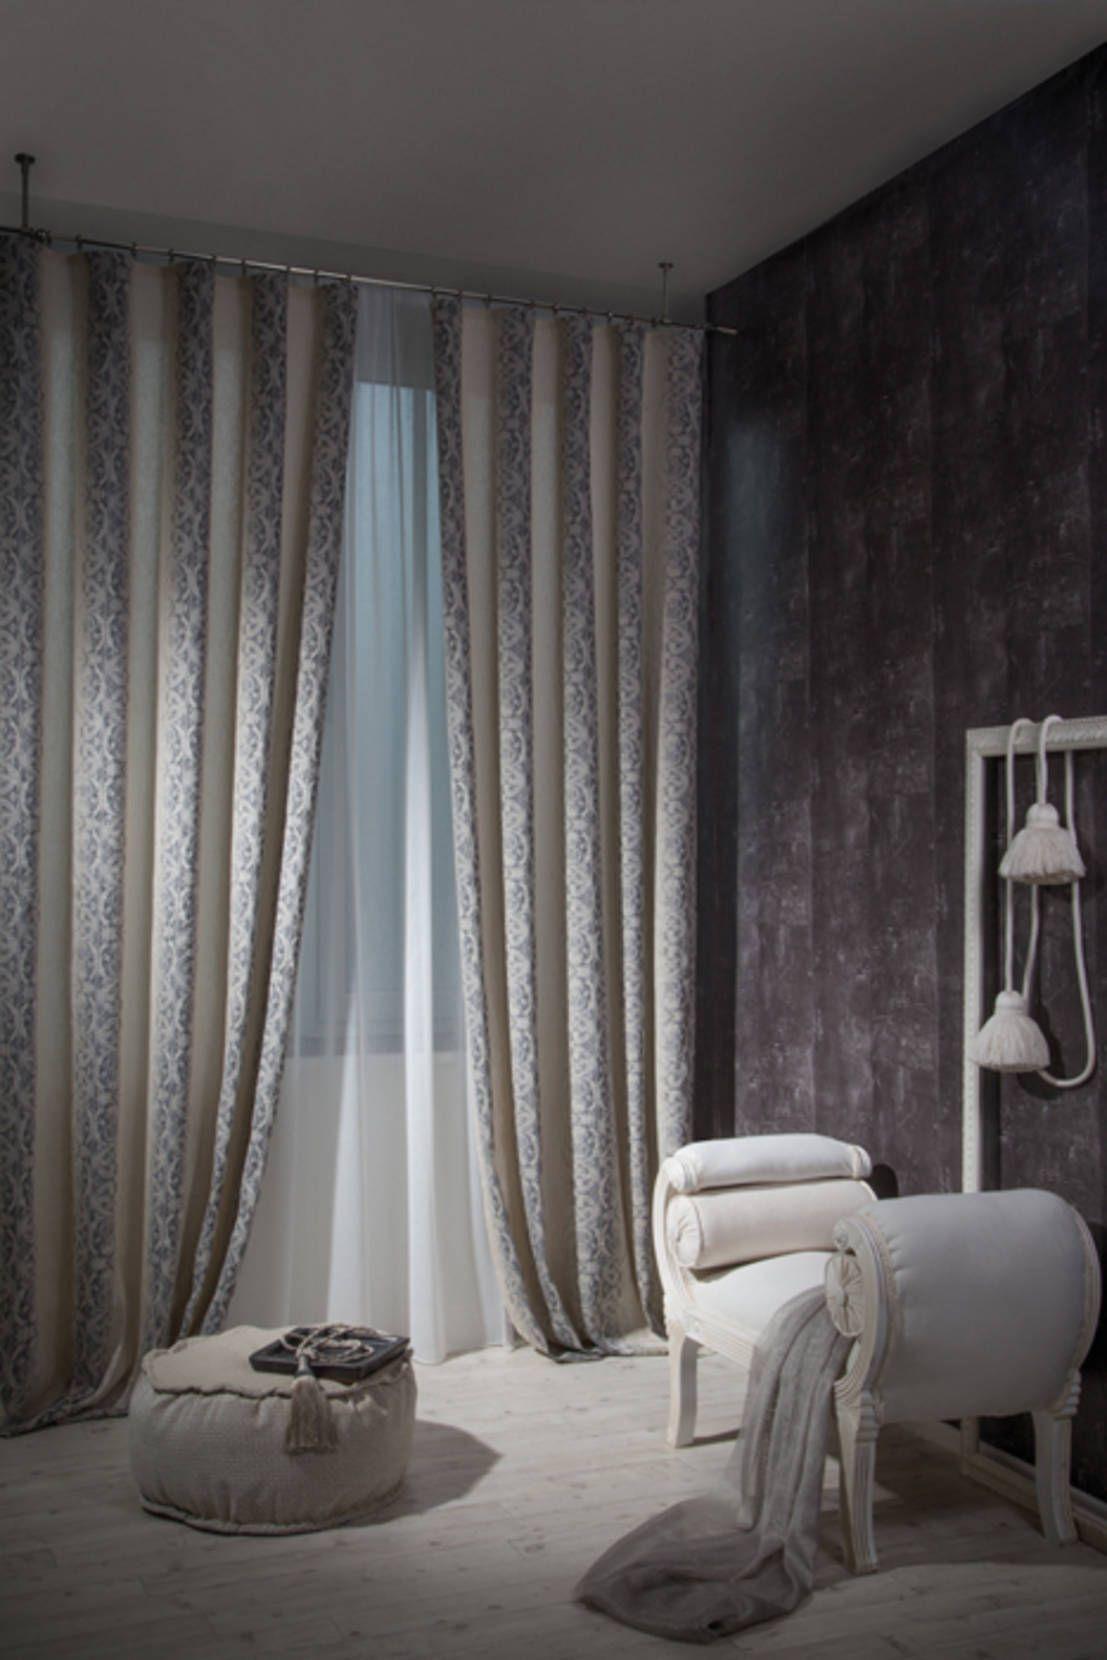 sieben tolle ideen f r fenstervorh nge sch ne wohnideen pinterest vorh nge fenster und ideen. Black Bedroom Furniture Sets. Home Design Ideas